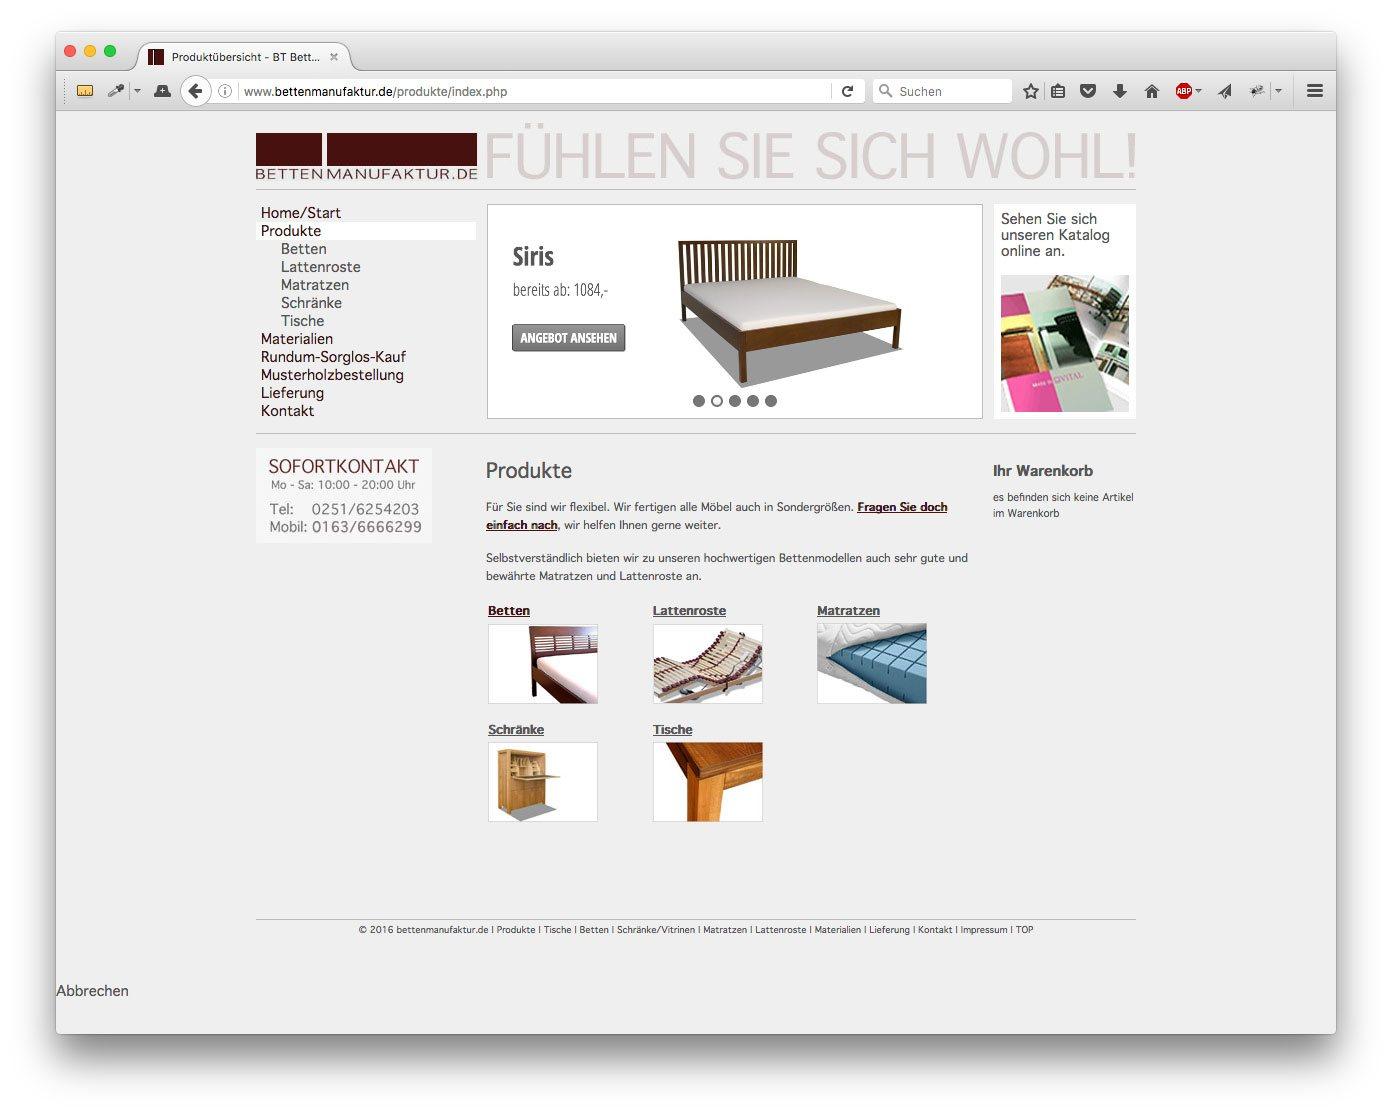 my home matratzen tobias spichtig die matratzen jan kaps. Black Bedroom Furniture Sets. Home Design Ideas